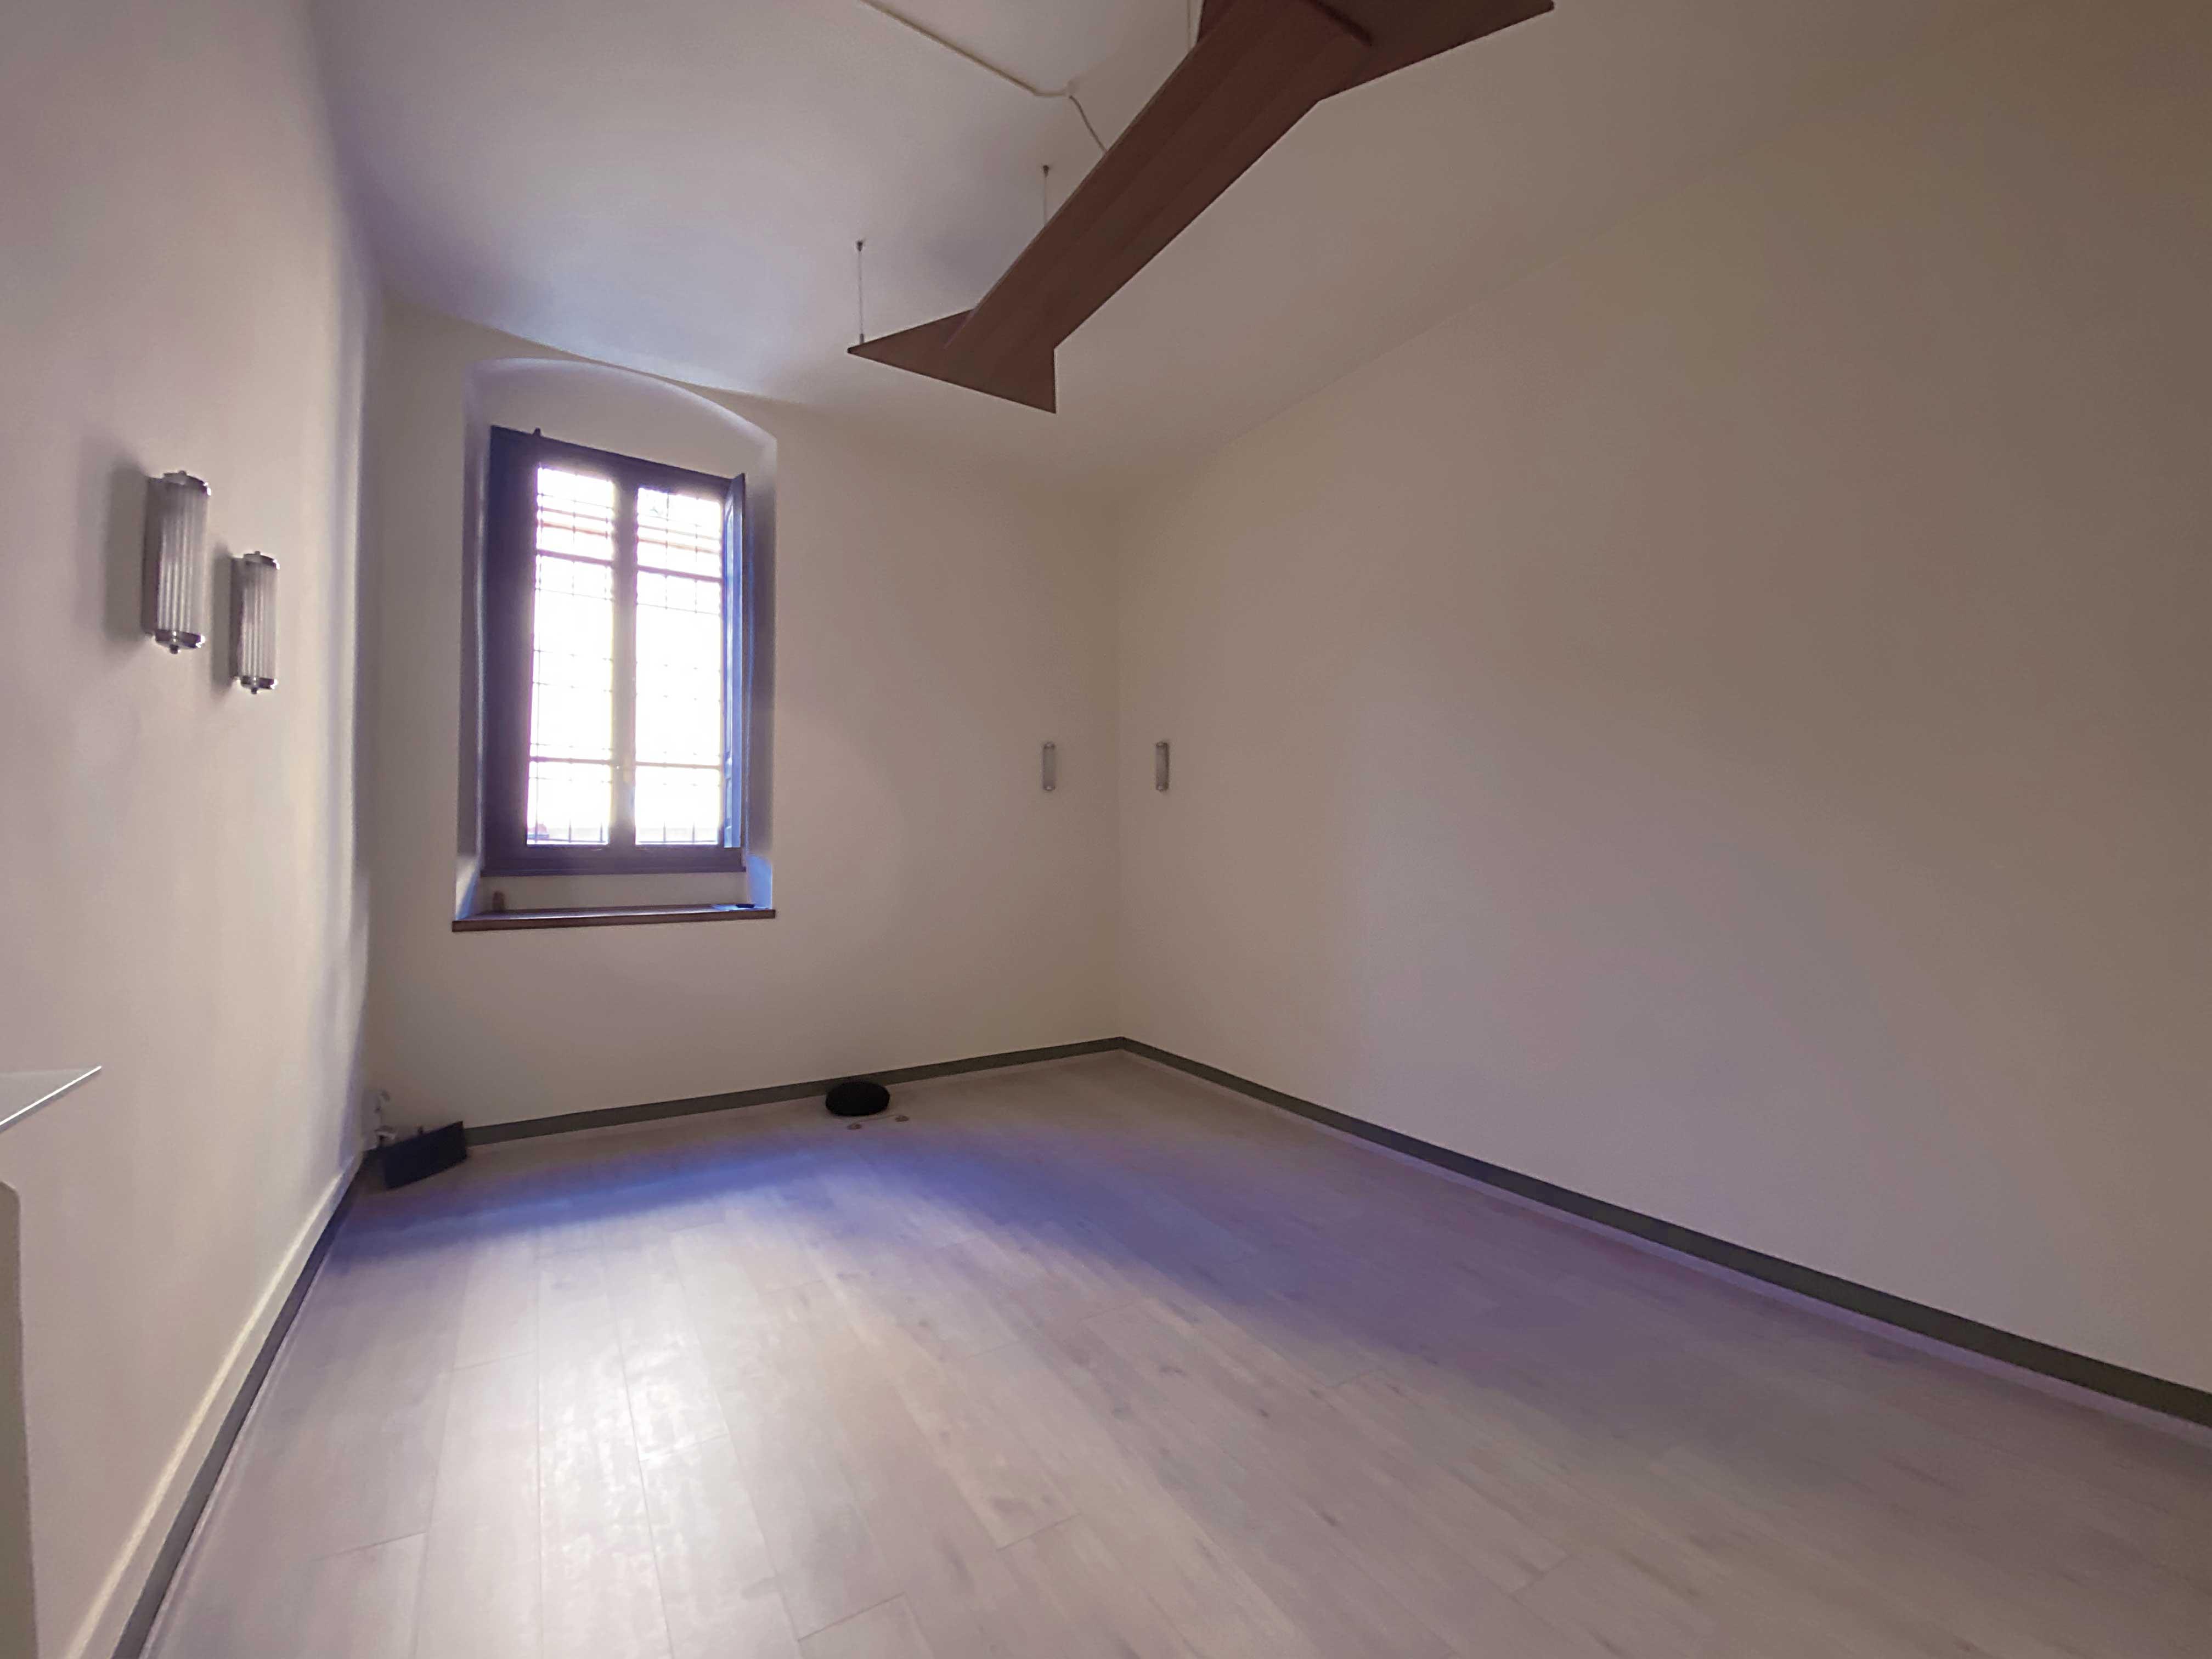 foto della sala di pratica dello studio di Cremona